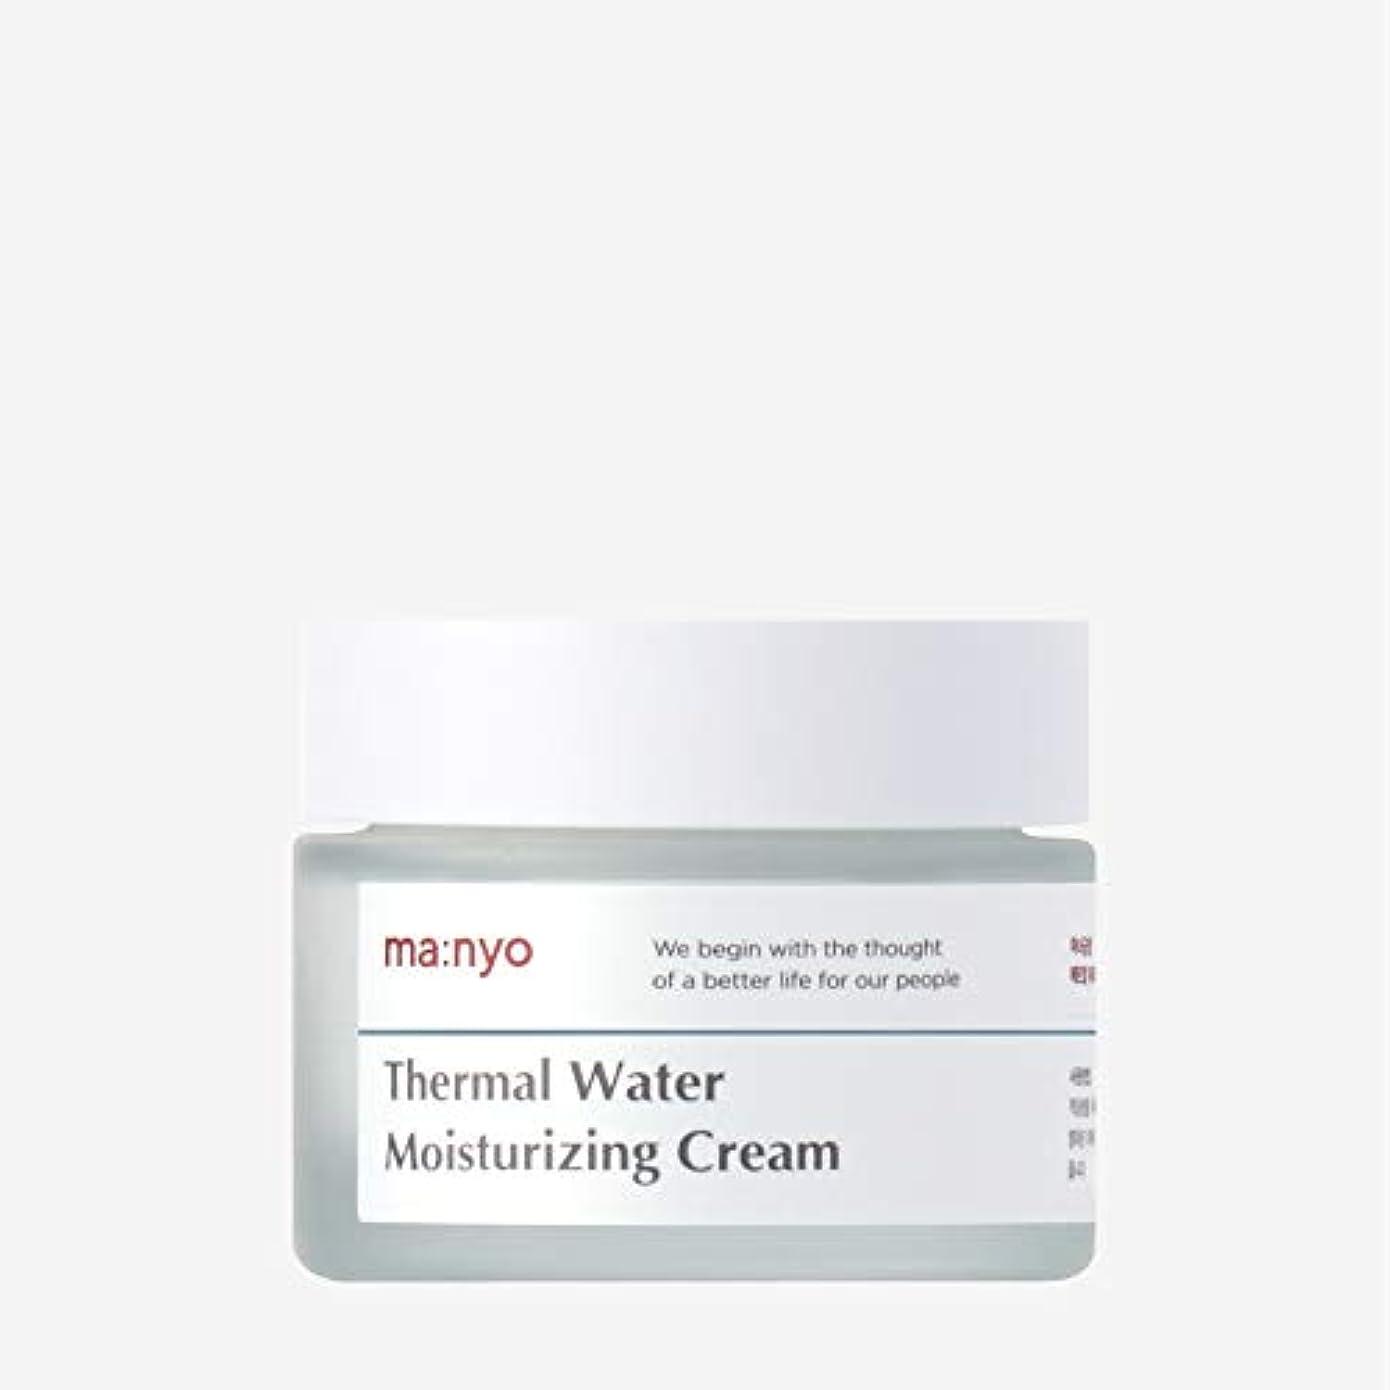 魔女工場(Manyo Factory) 温泉水ミネラルクリーム 50ml / 天然ミネラル、チェコ温泉水67%で保湿補充